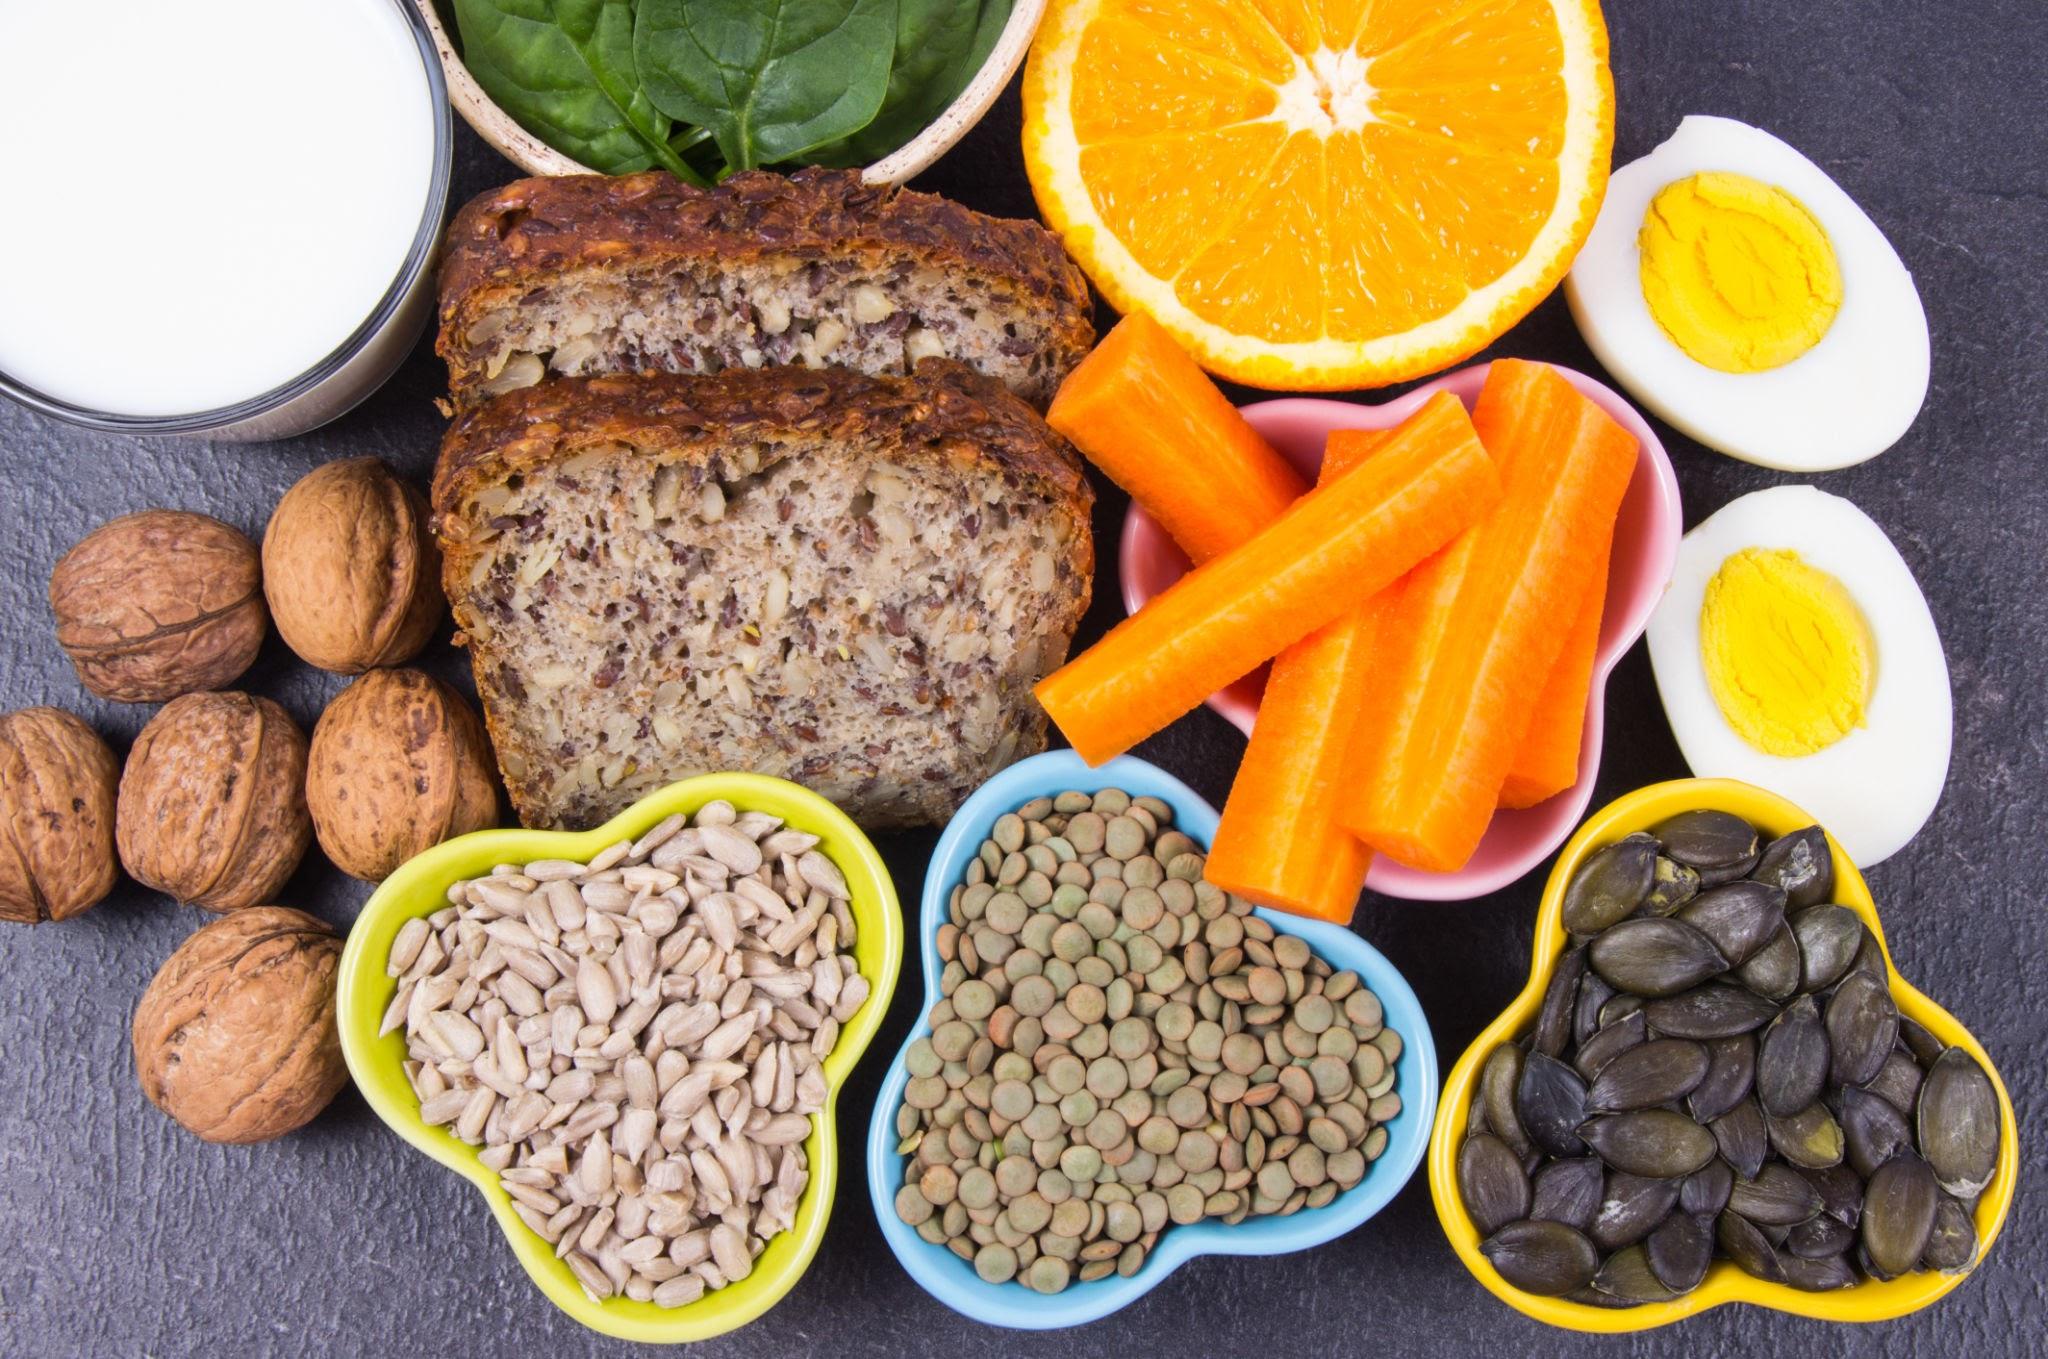 با مواد عذایی تامین کننده ویتامین بدن بچه ها آشنا شوید